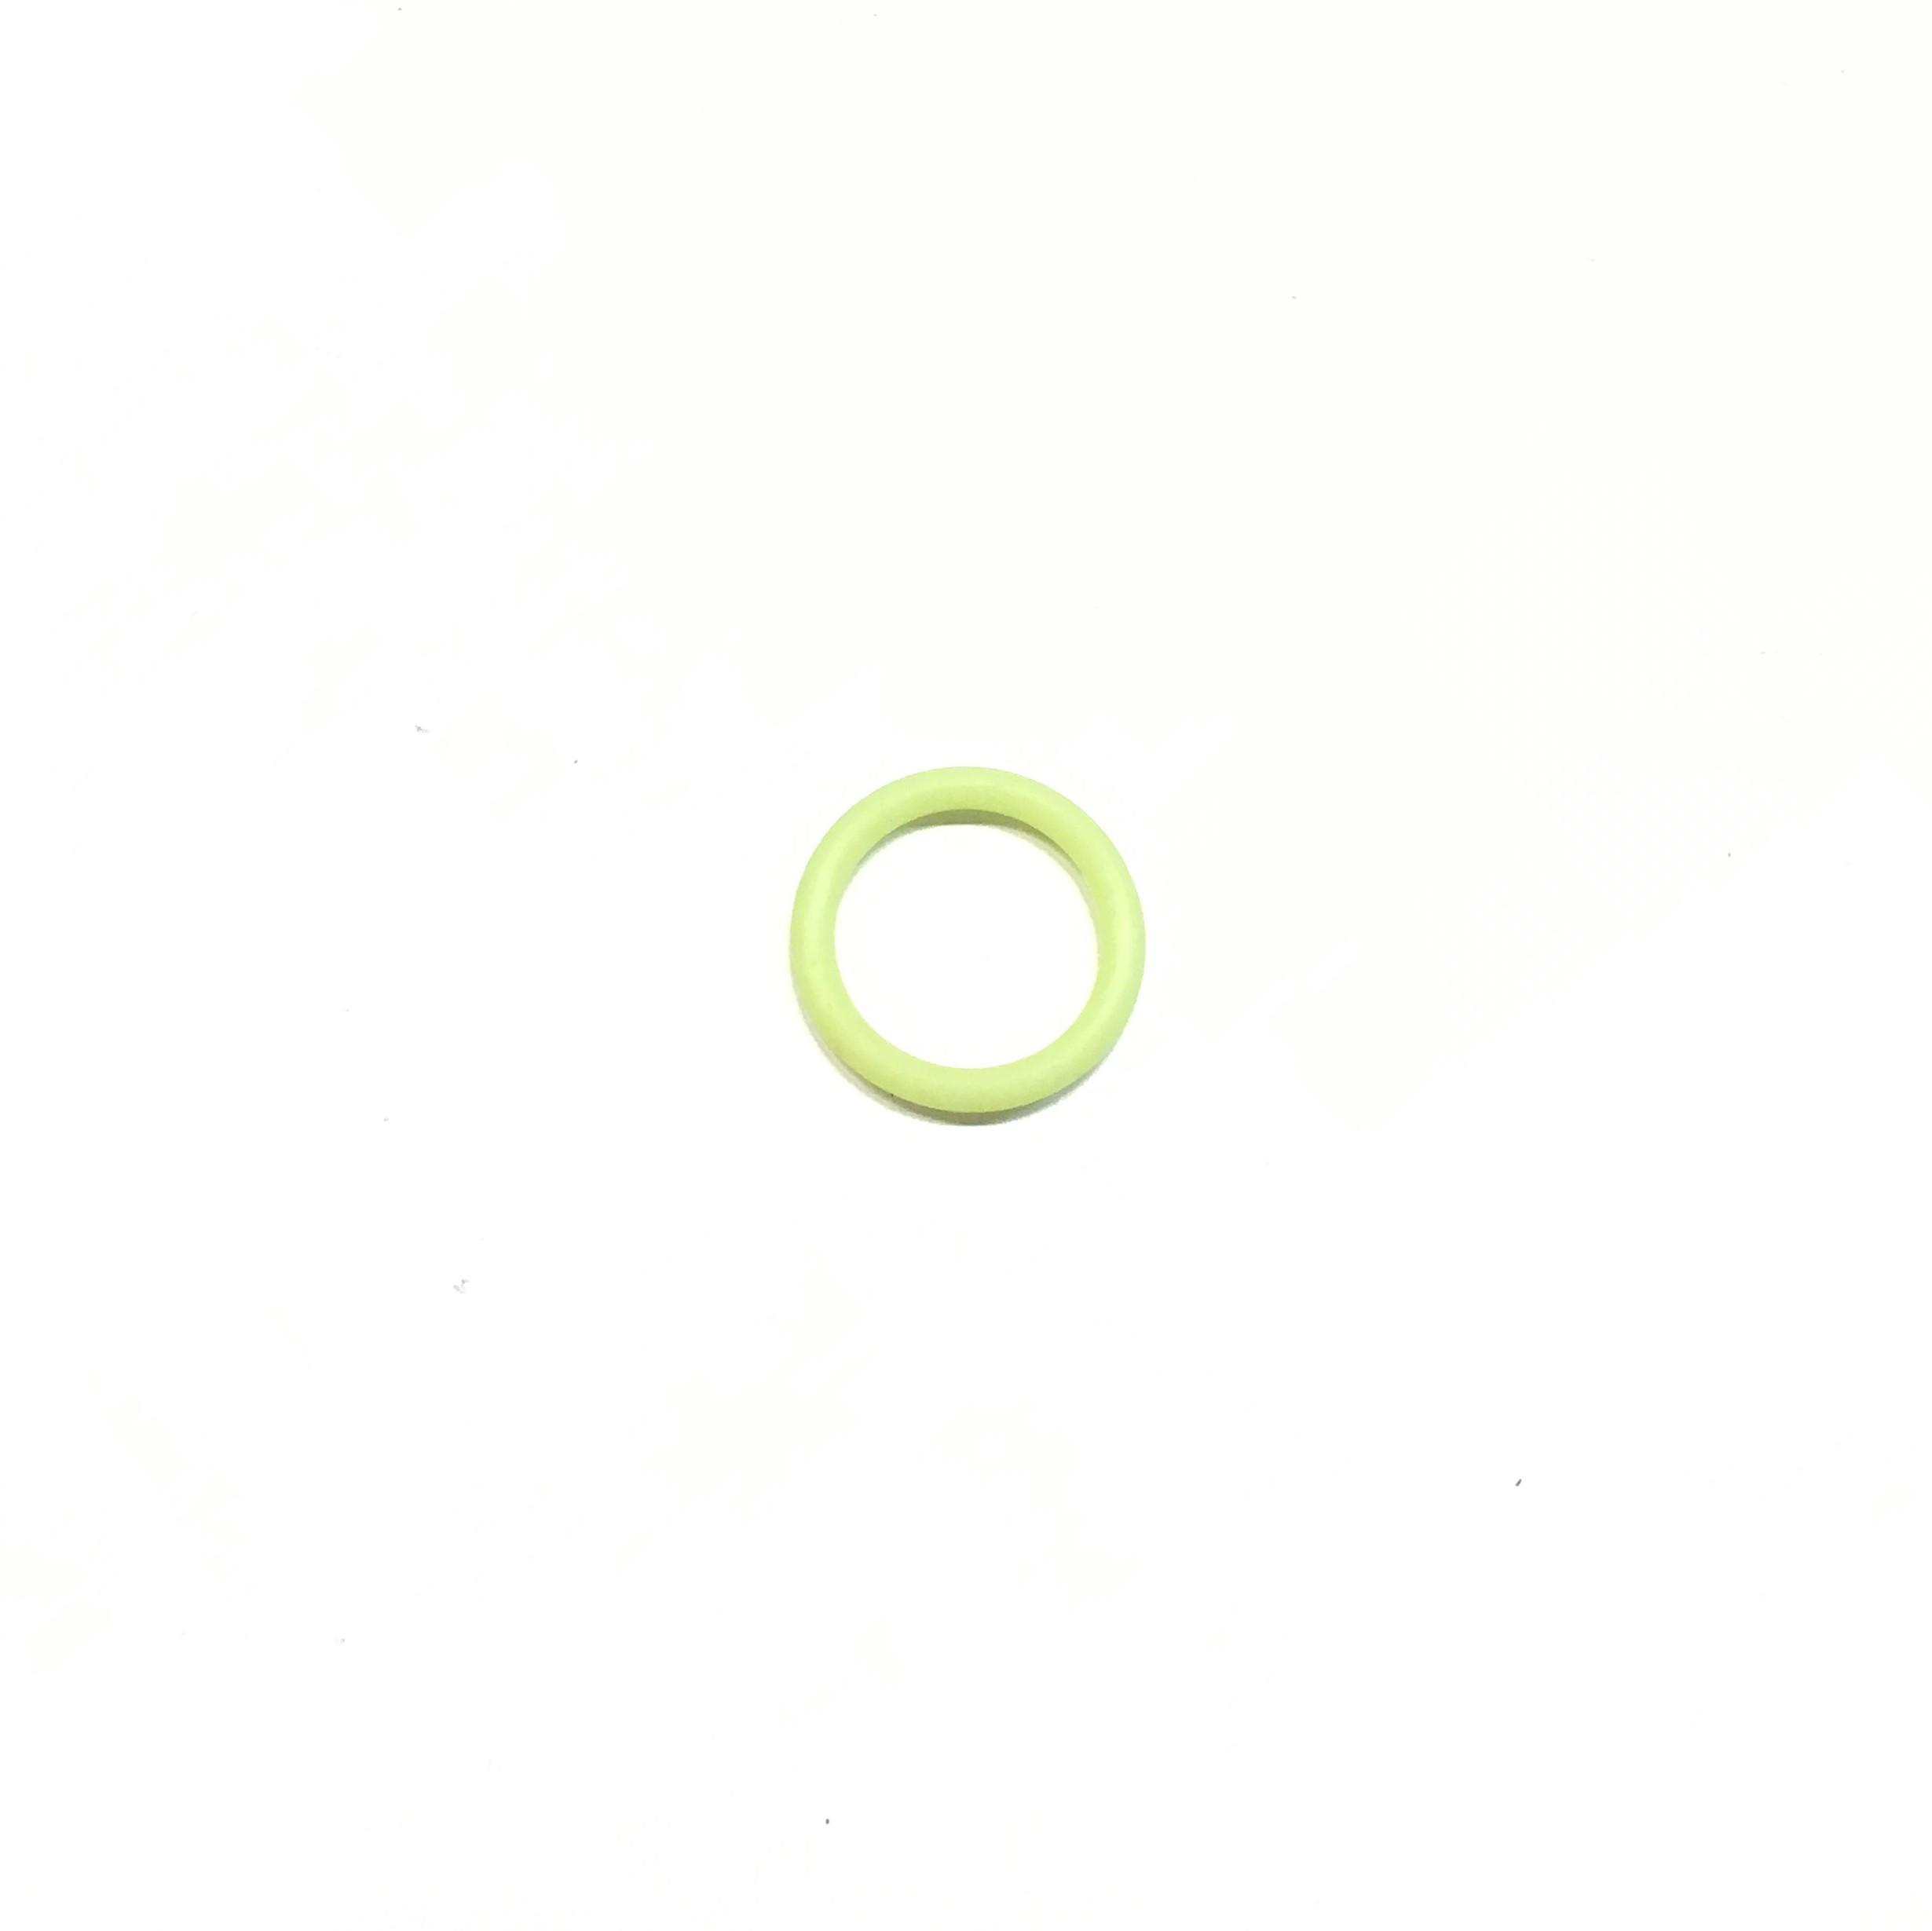 Cerchio Giallo